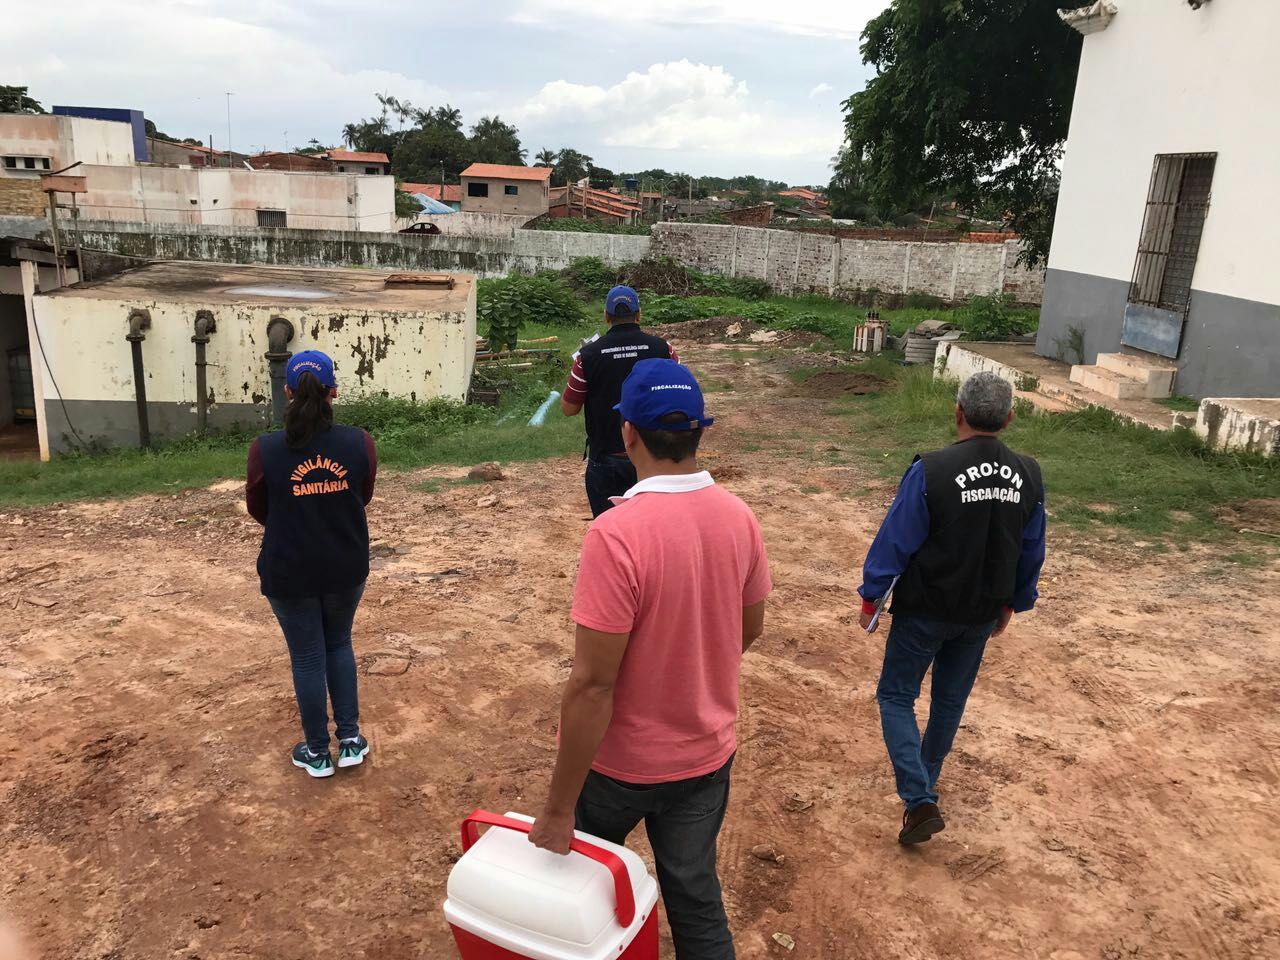 Fiscais do PROCON acompanham coleta de amostras de água. Laudos confirmar irregularidades